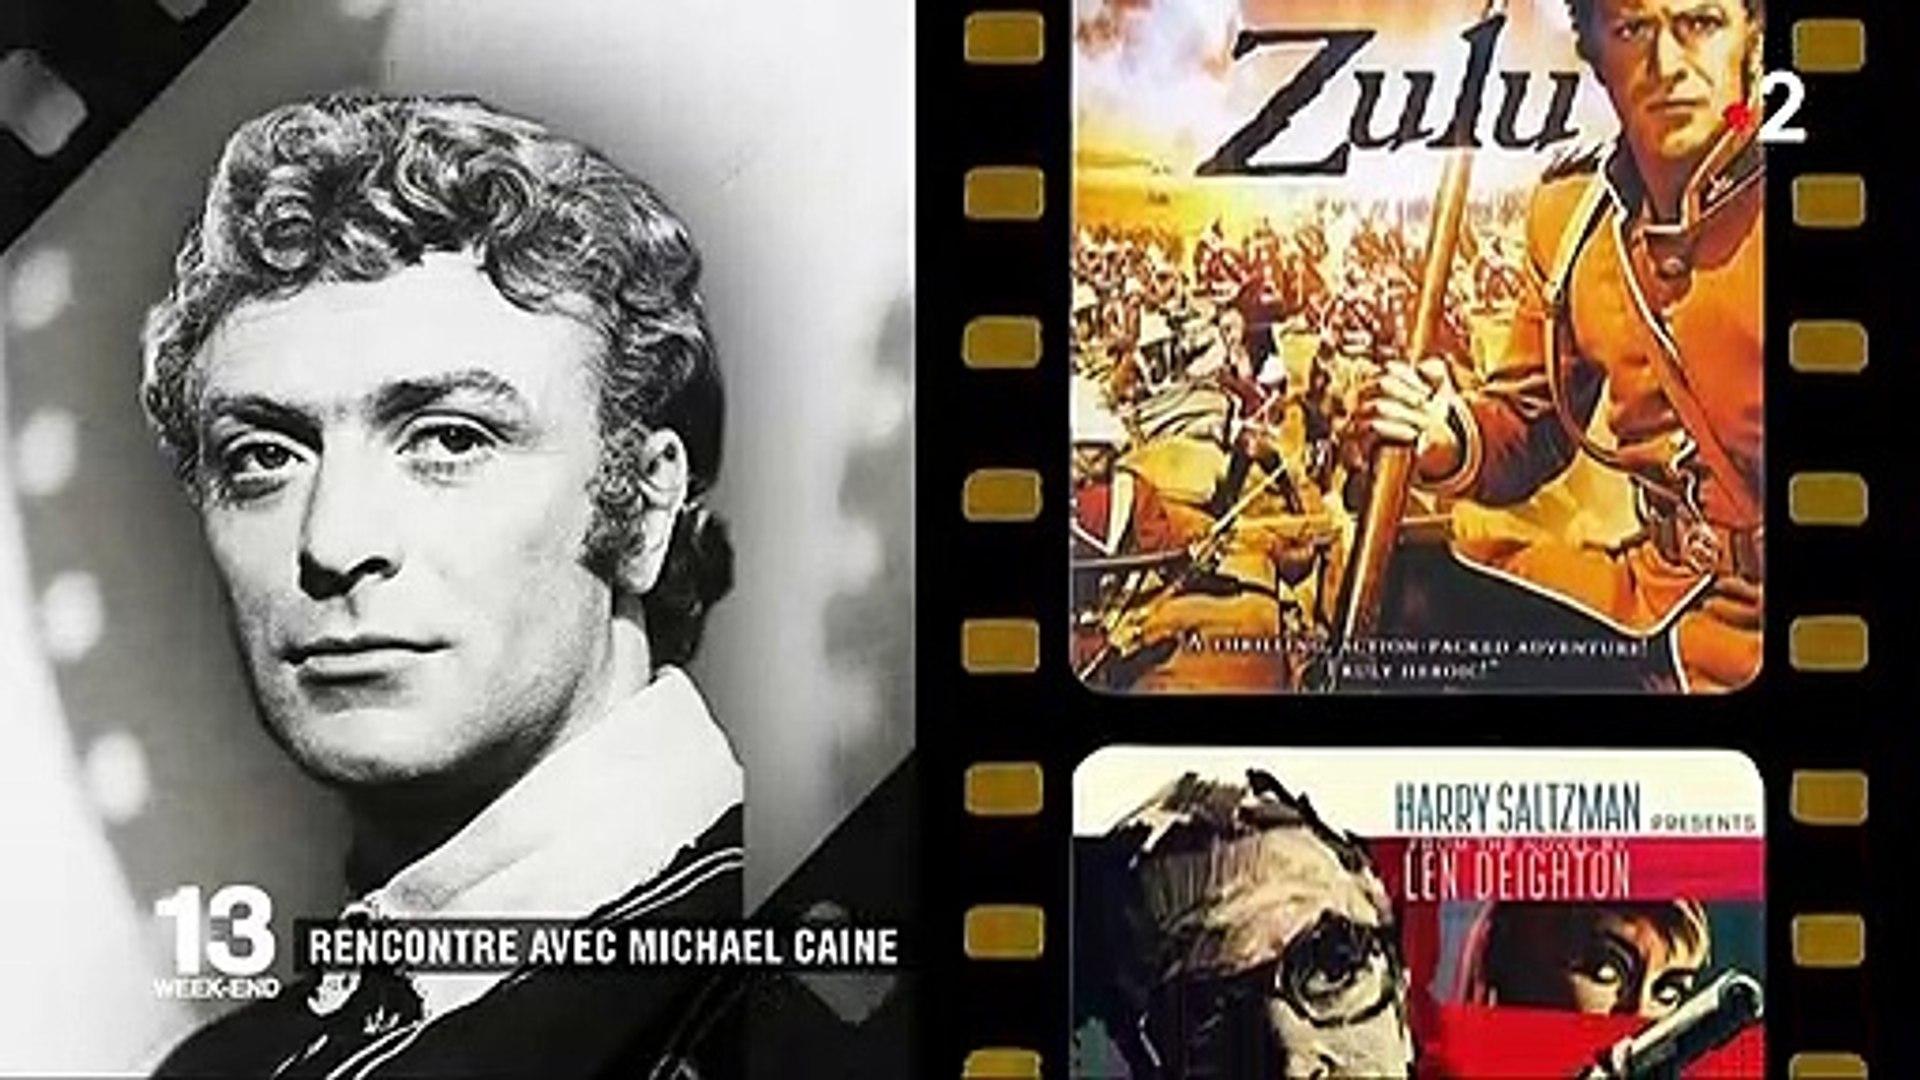 Rencontre avec Michael Caine, légende du cinéma britannique